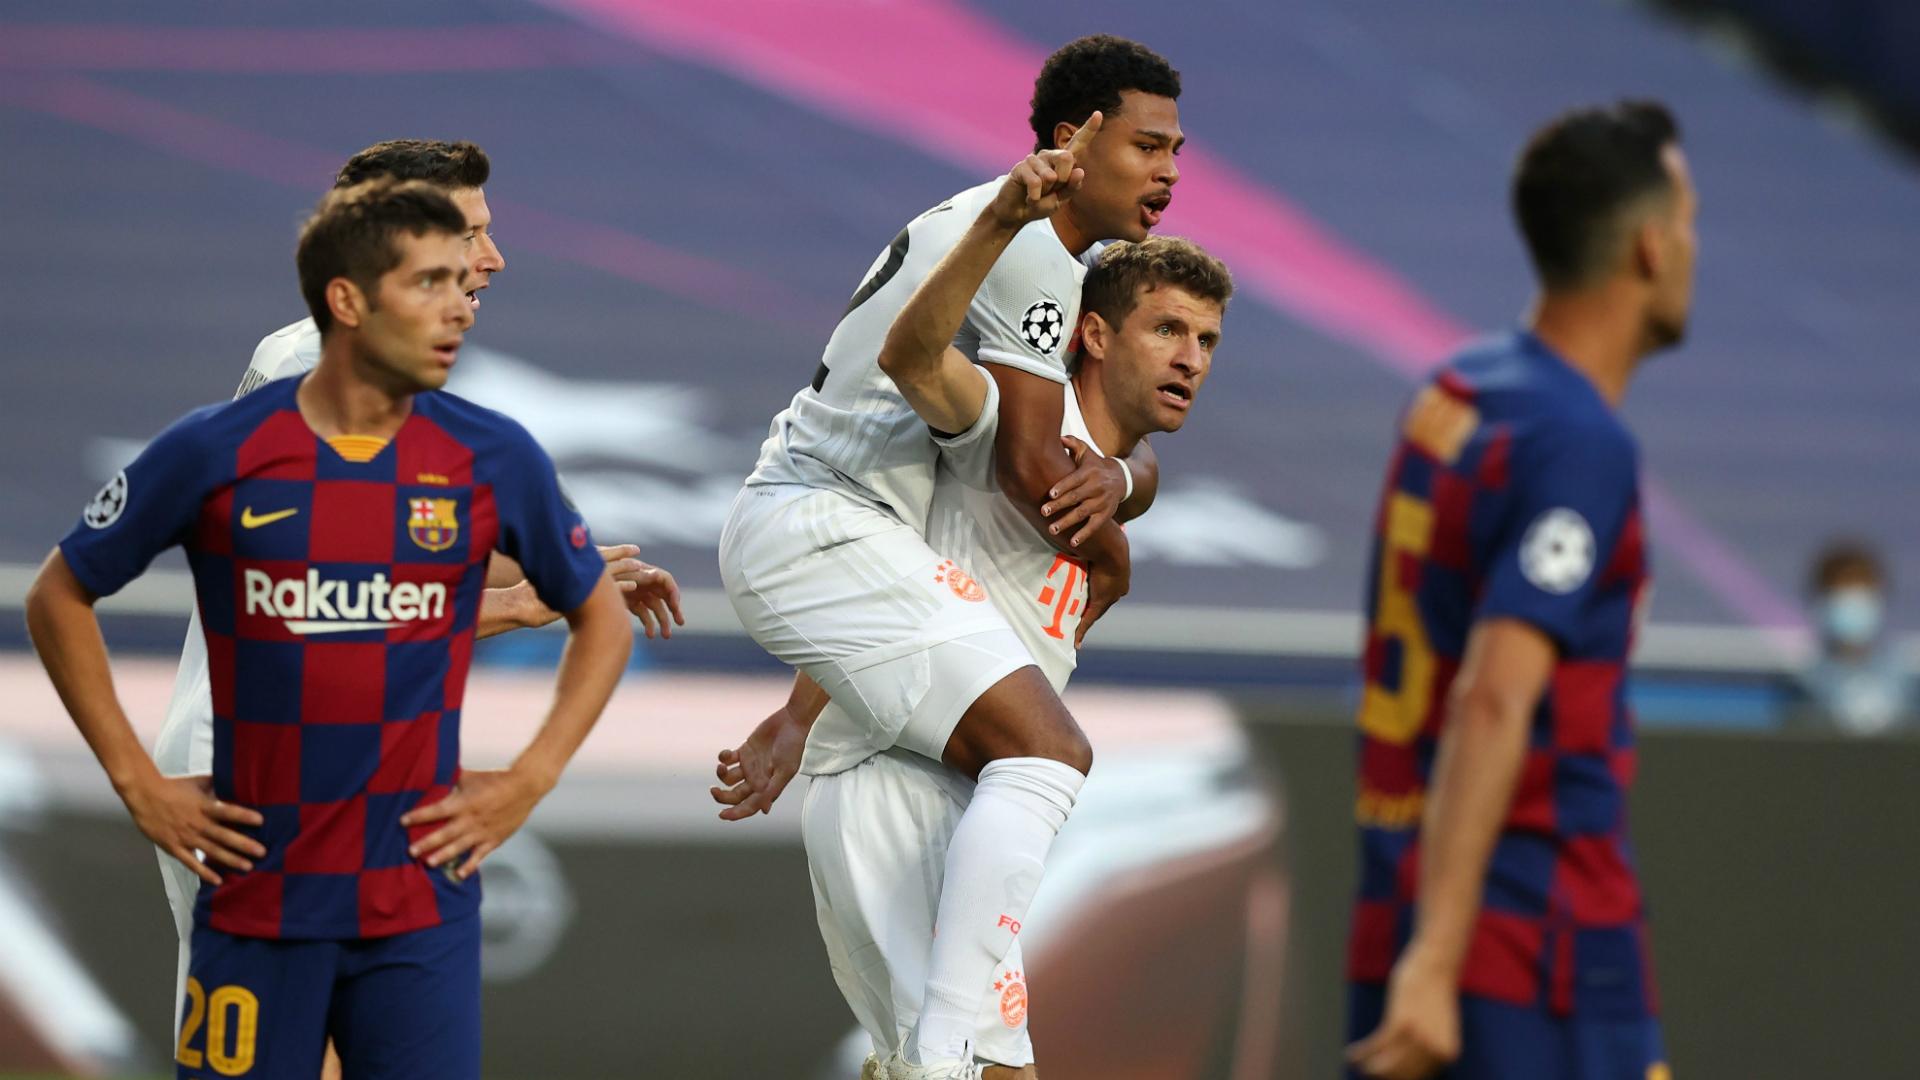 Bayern Munich start pre-season training